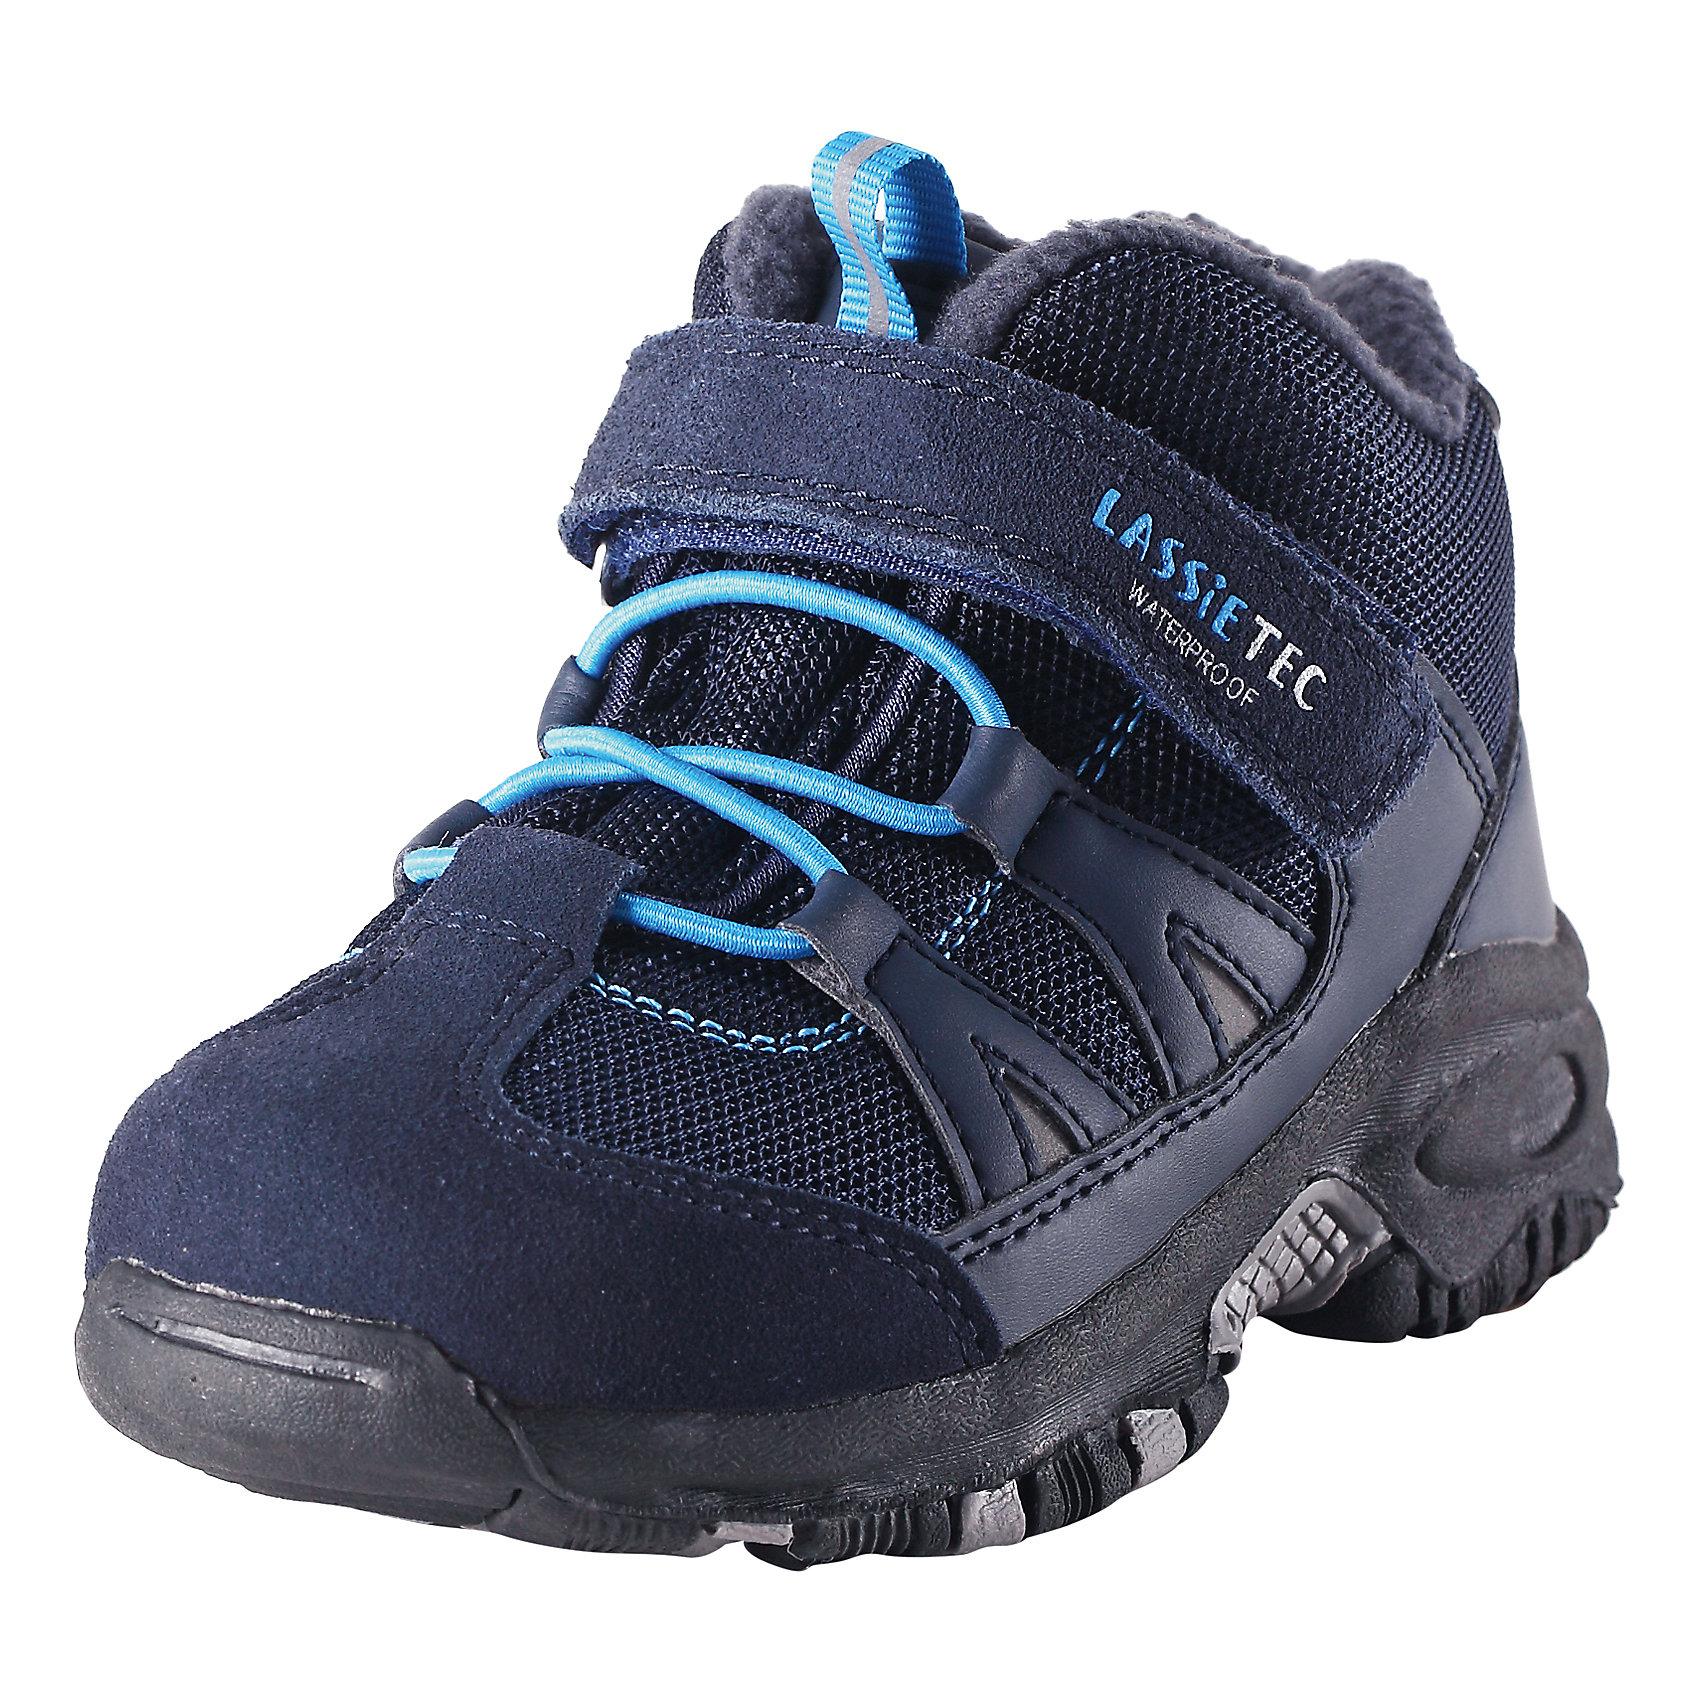 Ботинки для мальчика LASSIE by ReimaБотинки для детей Lassietec®. <br><br>- Водонепроницаемая зимняя обувь. <br>- Верх из натуральной замши (из телячьей кожи), синтетического материала и текстиля. <br>- Подошва из термопластичного каучука обеспечивает хорошее сцепление с поверхностью. <br>- Текстильная подкладка. <br>- Съемные стельки. <br>- Простая застежка на липучке с эластичными шнурками для регулировки размера. <br>- Светоотражающие детали.<br><br>Храните обувь в вертикальном положении при комнатной температуре. Сушить обувь всегда следует при комнатной температуре: вынув съемные стельки. Стельки следует время от времени заменять на новые. Налипшую грязь можно счищать щеткой или влажной тряпкой. Перед использованием обувь рекомендуется обрабатывать специальными защитными средствами.<br><br>Состав: Подошва: Термопластиковая резина, Верх: 70% ПЭ 20% ПУ 10% Кожа.<br><br>Ширина мм: 262<br>Глубина мм: 176<br>Высота мм: 97<br>Вес г: 427<br>Цвет: синий<br>Возраст от месяцев: 96<br>Возраст до месяцев: 108<br>Пол: Мужской<br>Возраст: Детский<br>Размер: 32,22,35,34,33,31,30,29,28,27,26,25,24,23<br>SKU: 4780887